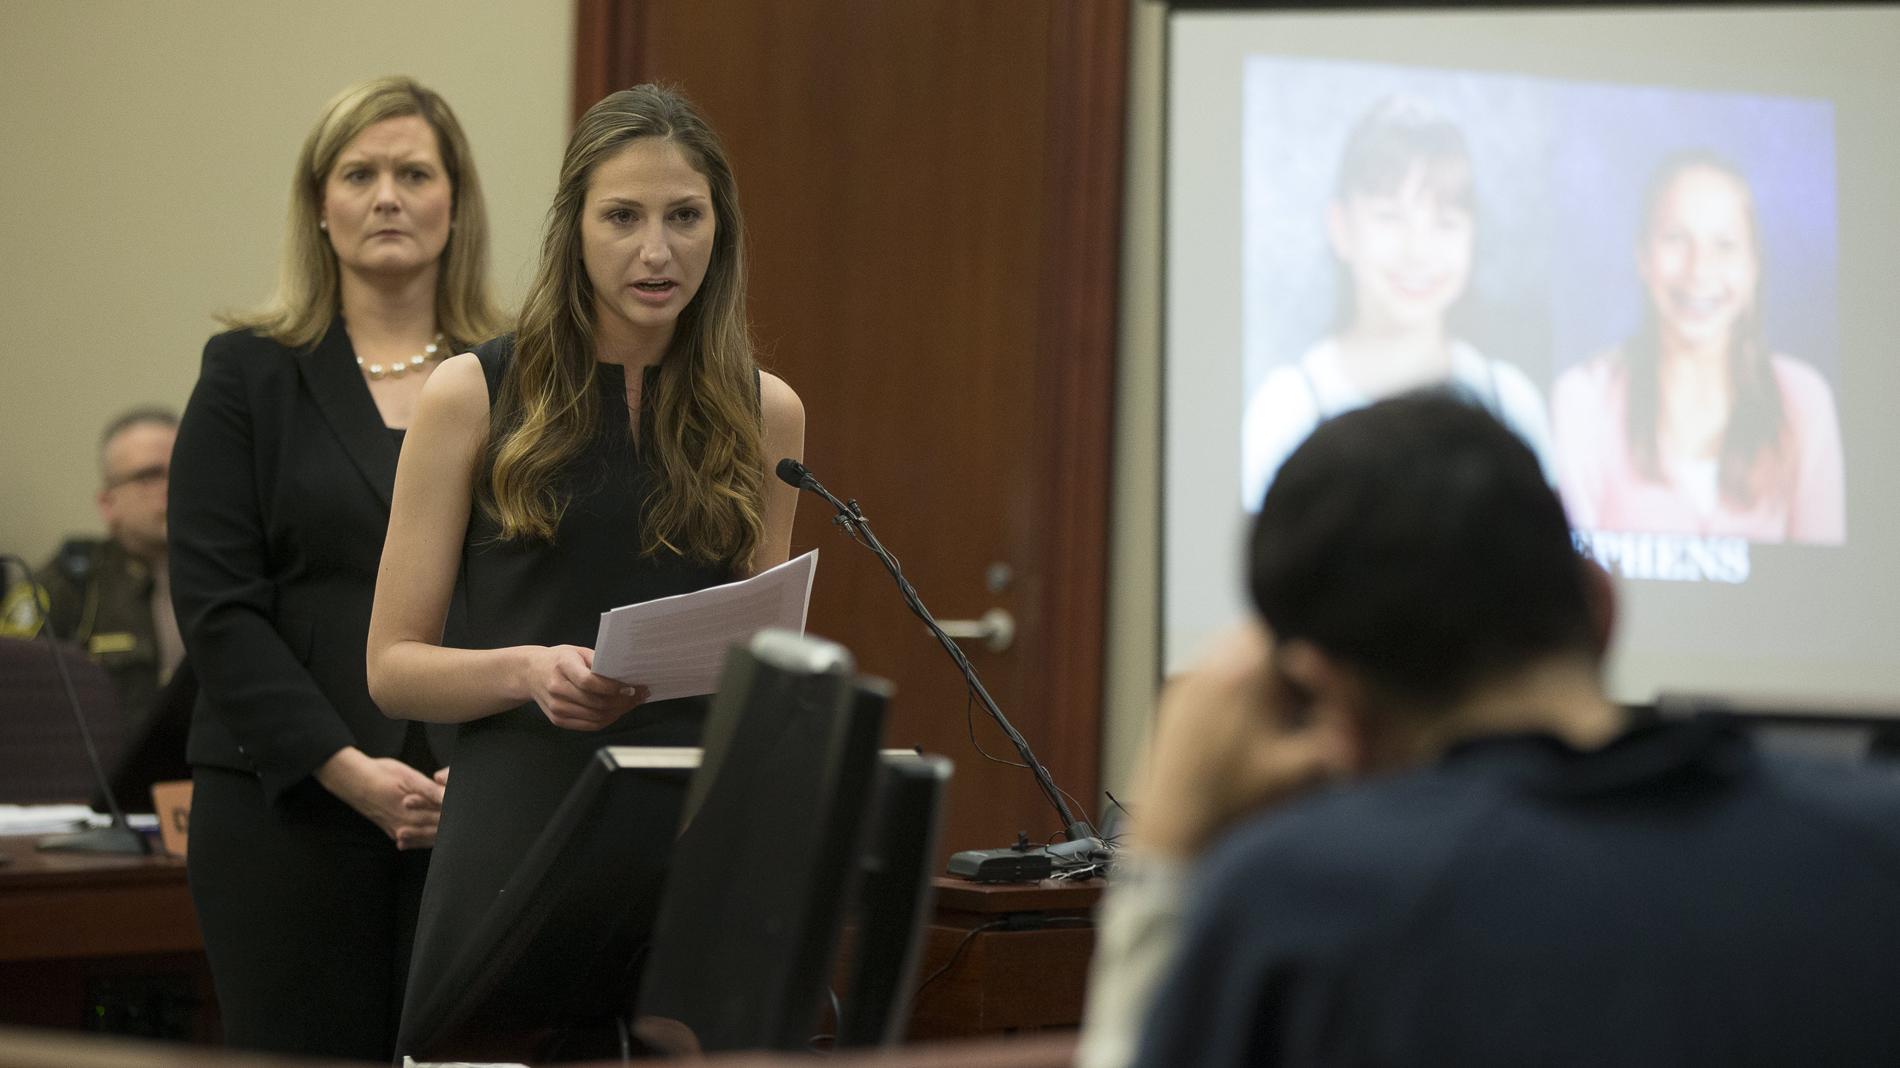 """Las gimnastas califican a Nassar de """"monstruo"""" en el juicio por abusos sexuales"""